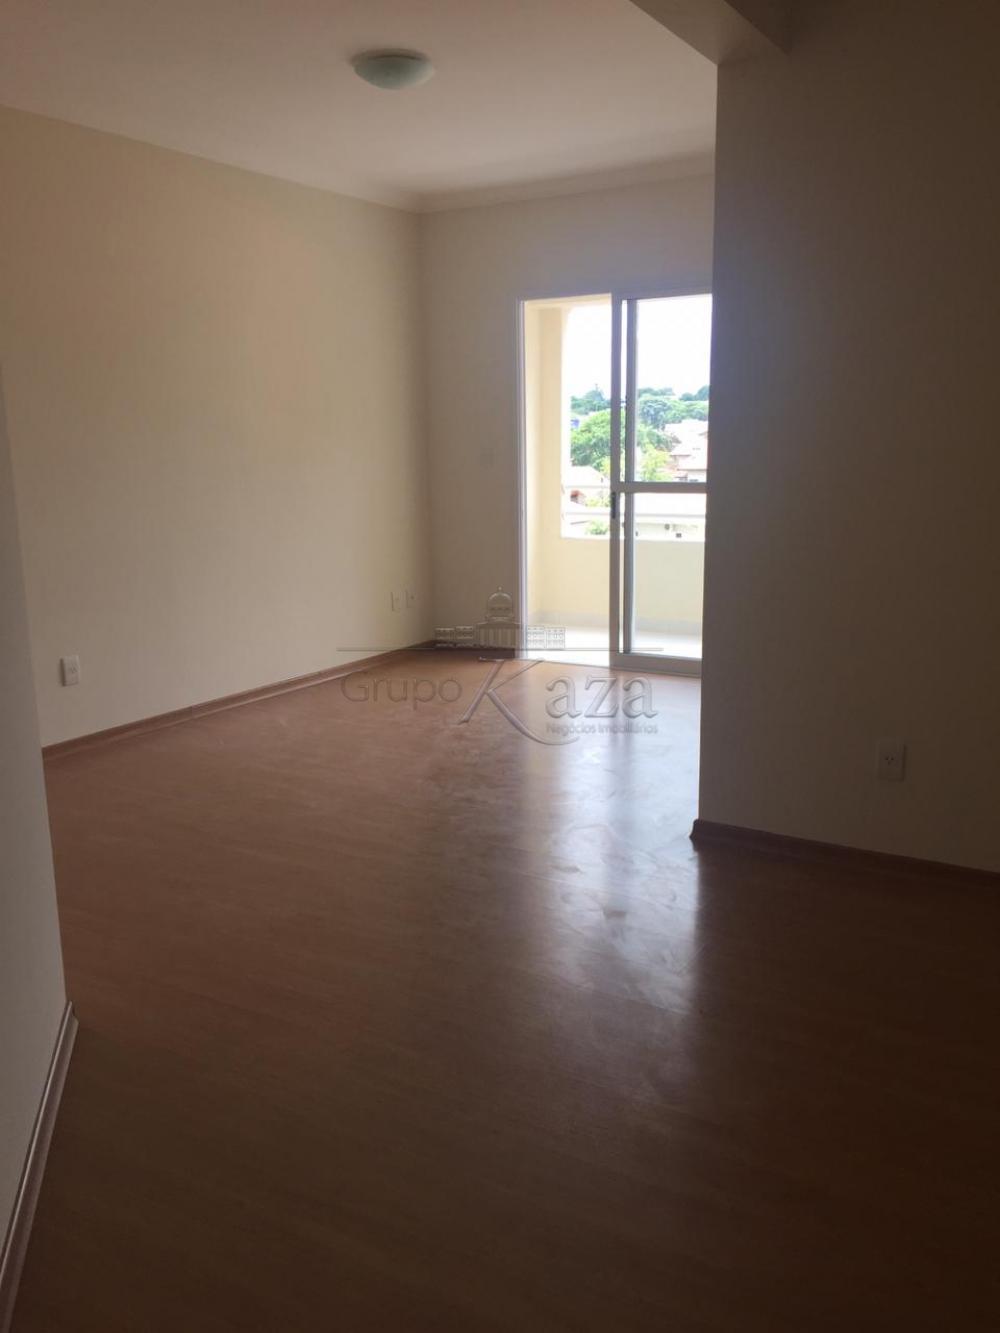 Sao Jose dos Campos Apartamento Locacao R$ 1.850,00 Condominio R$500,00 3 Dormitorios 1 Suite Area construida 80.00m2